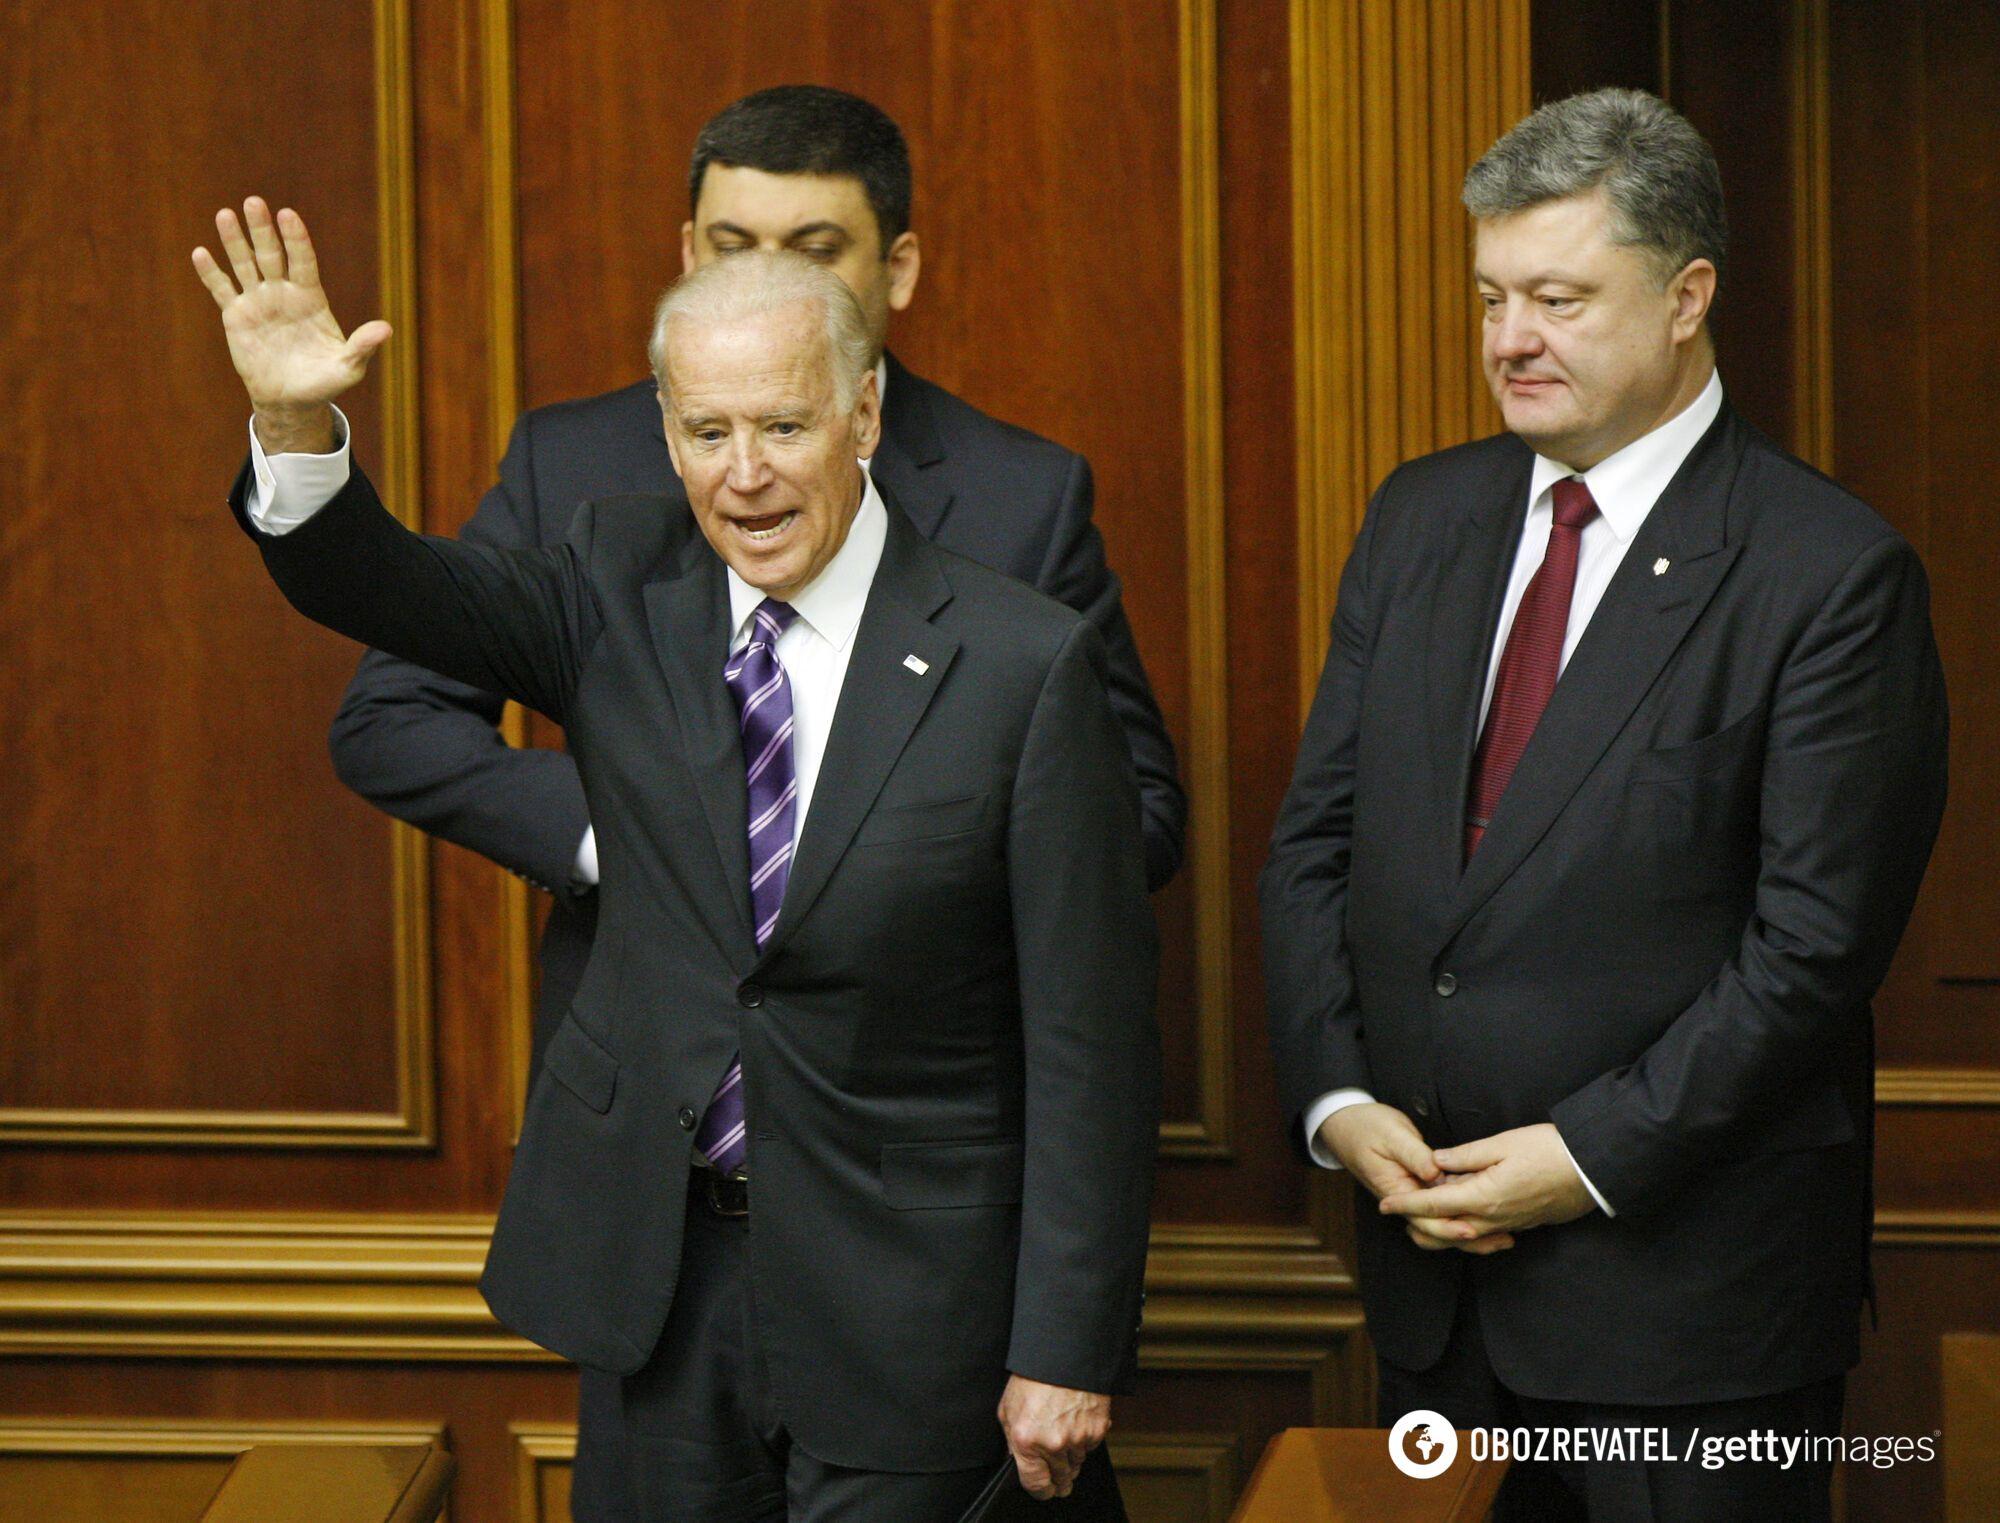 Гройсман, Байден і Порошенко у Верховній Раді.